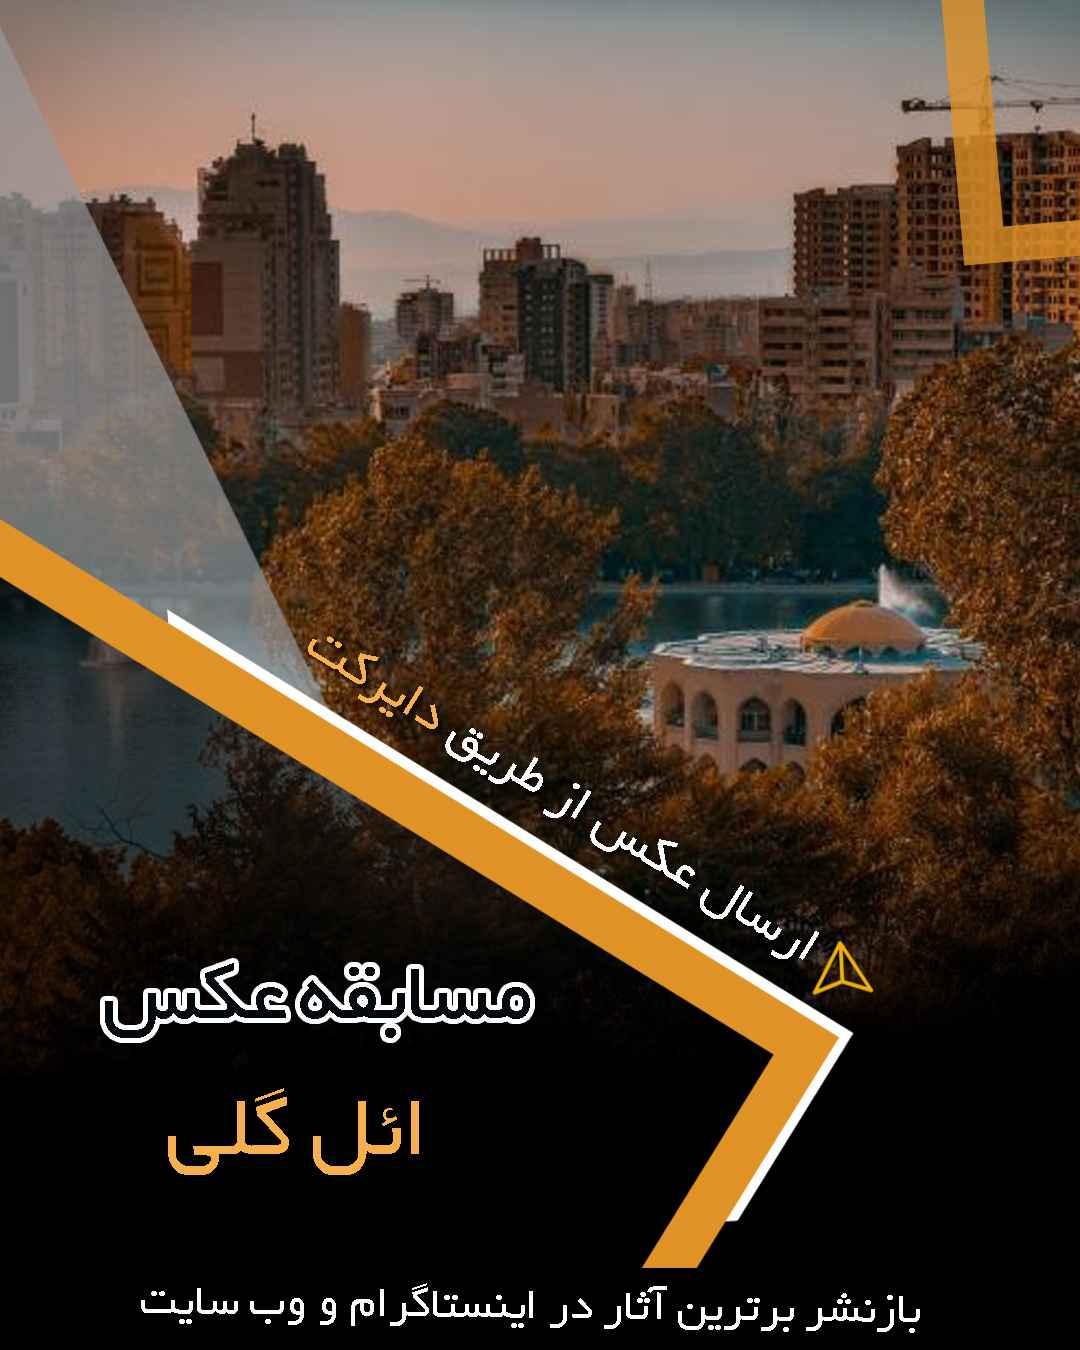 فراخوان مسابقه عکس ائل گلی